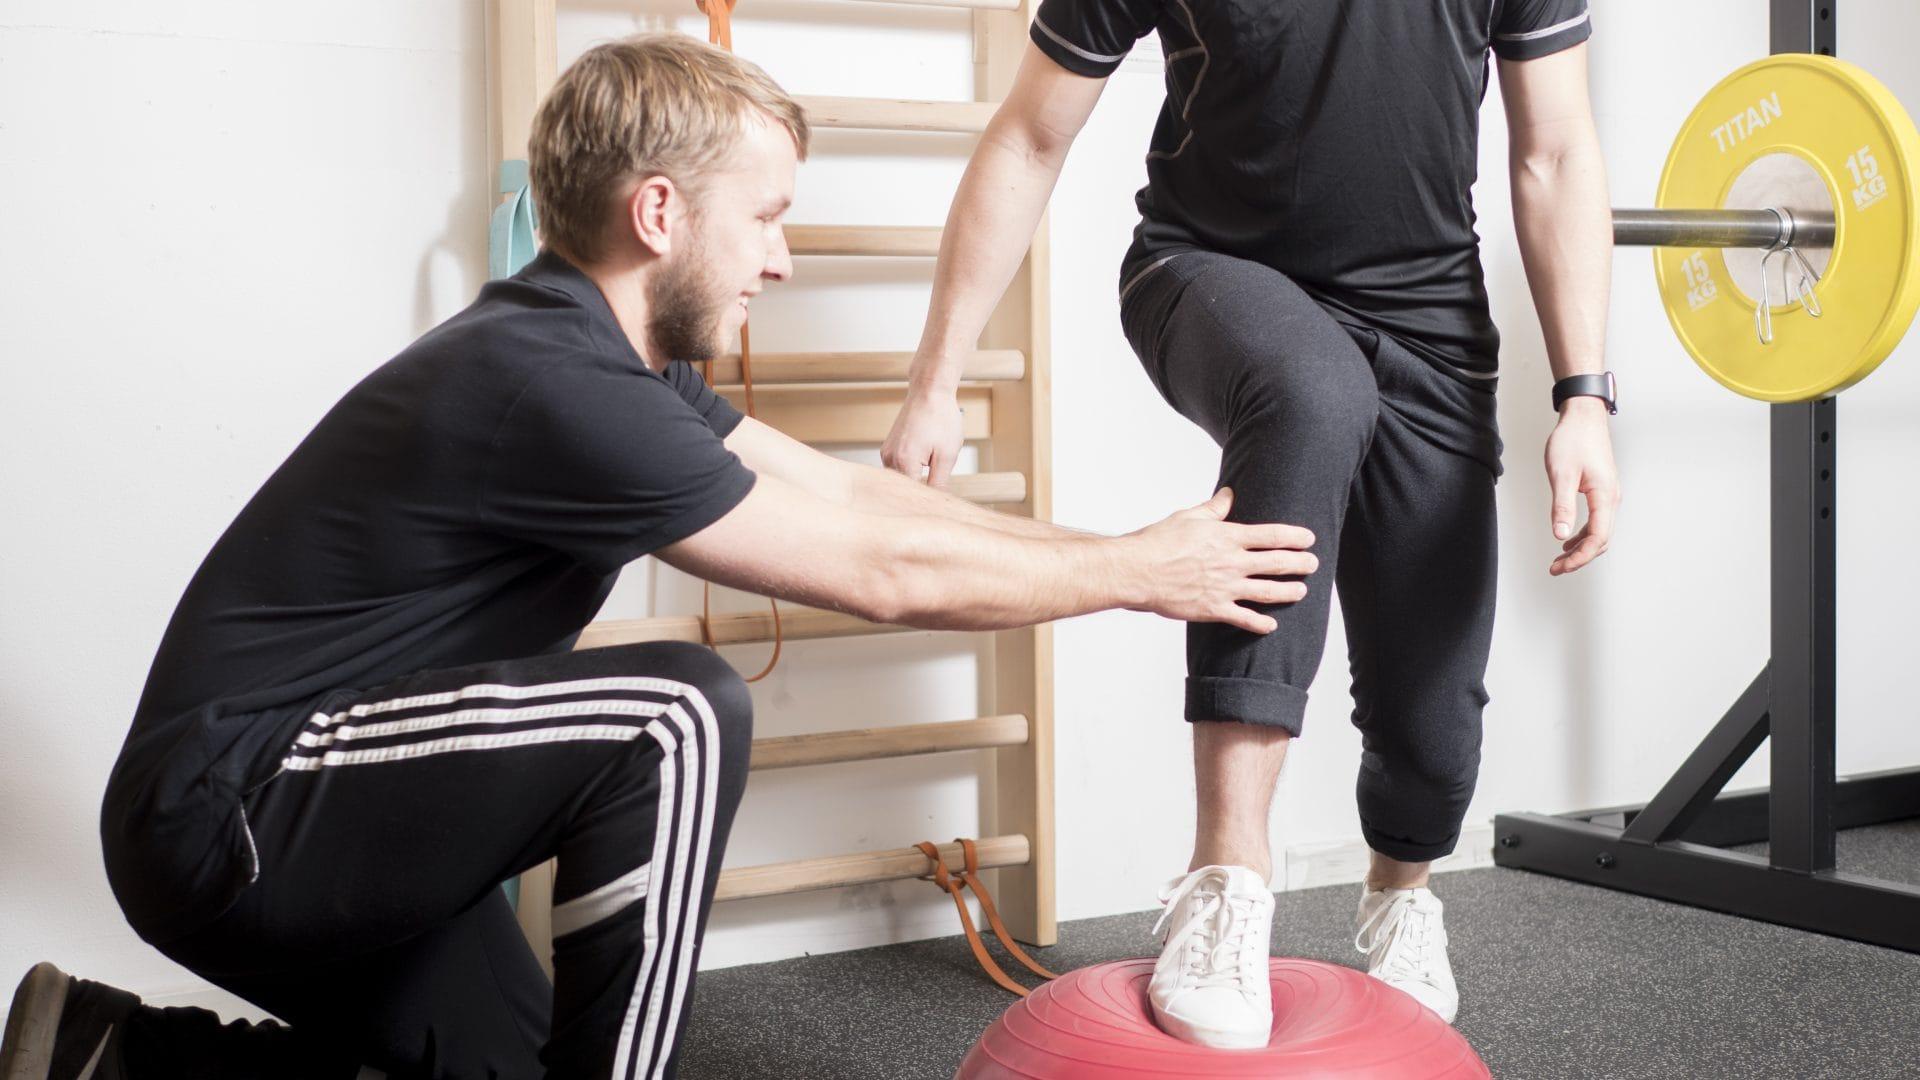 Fysioterapeut Simon Bork Nielsen viser knæøvelser til forebyggelse af slidgigt / Artrose i knæet